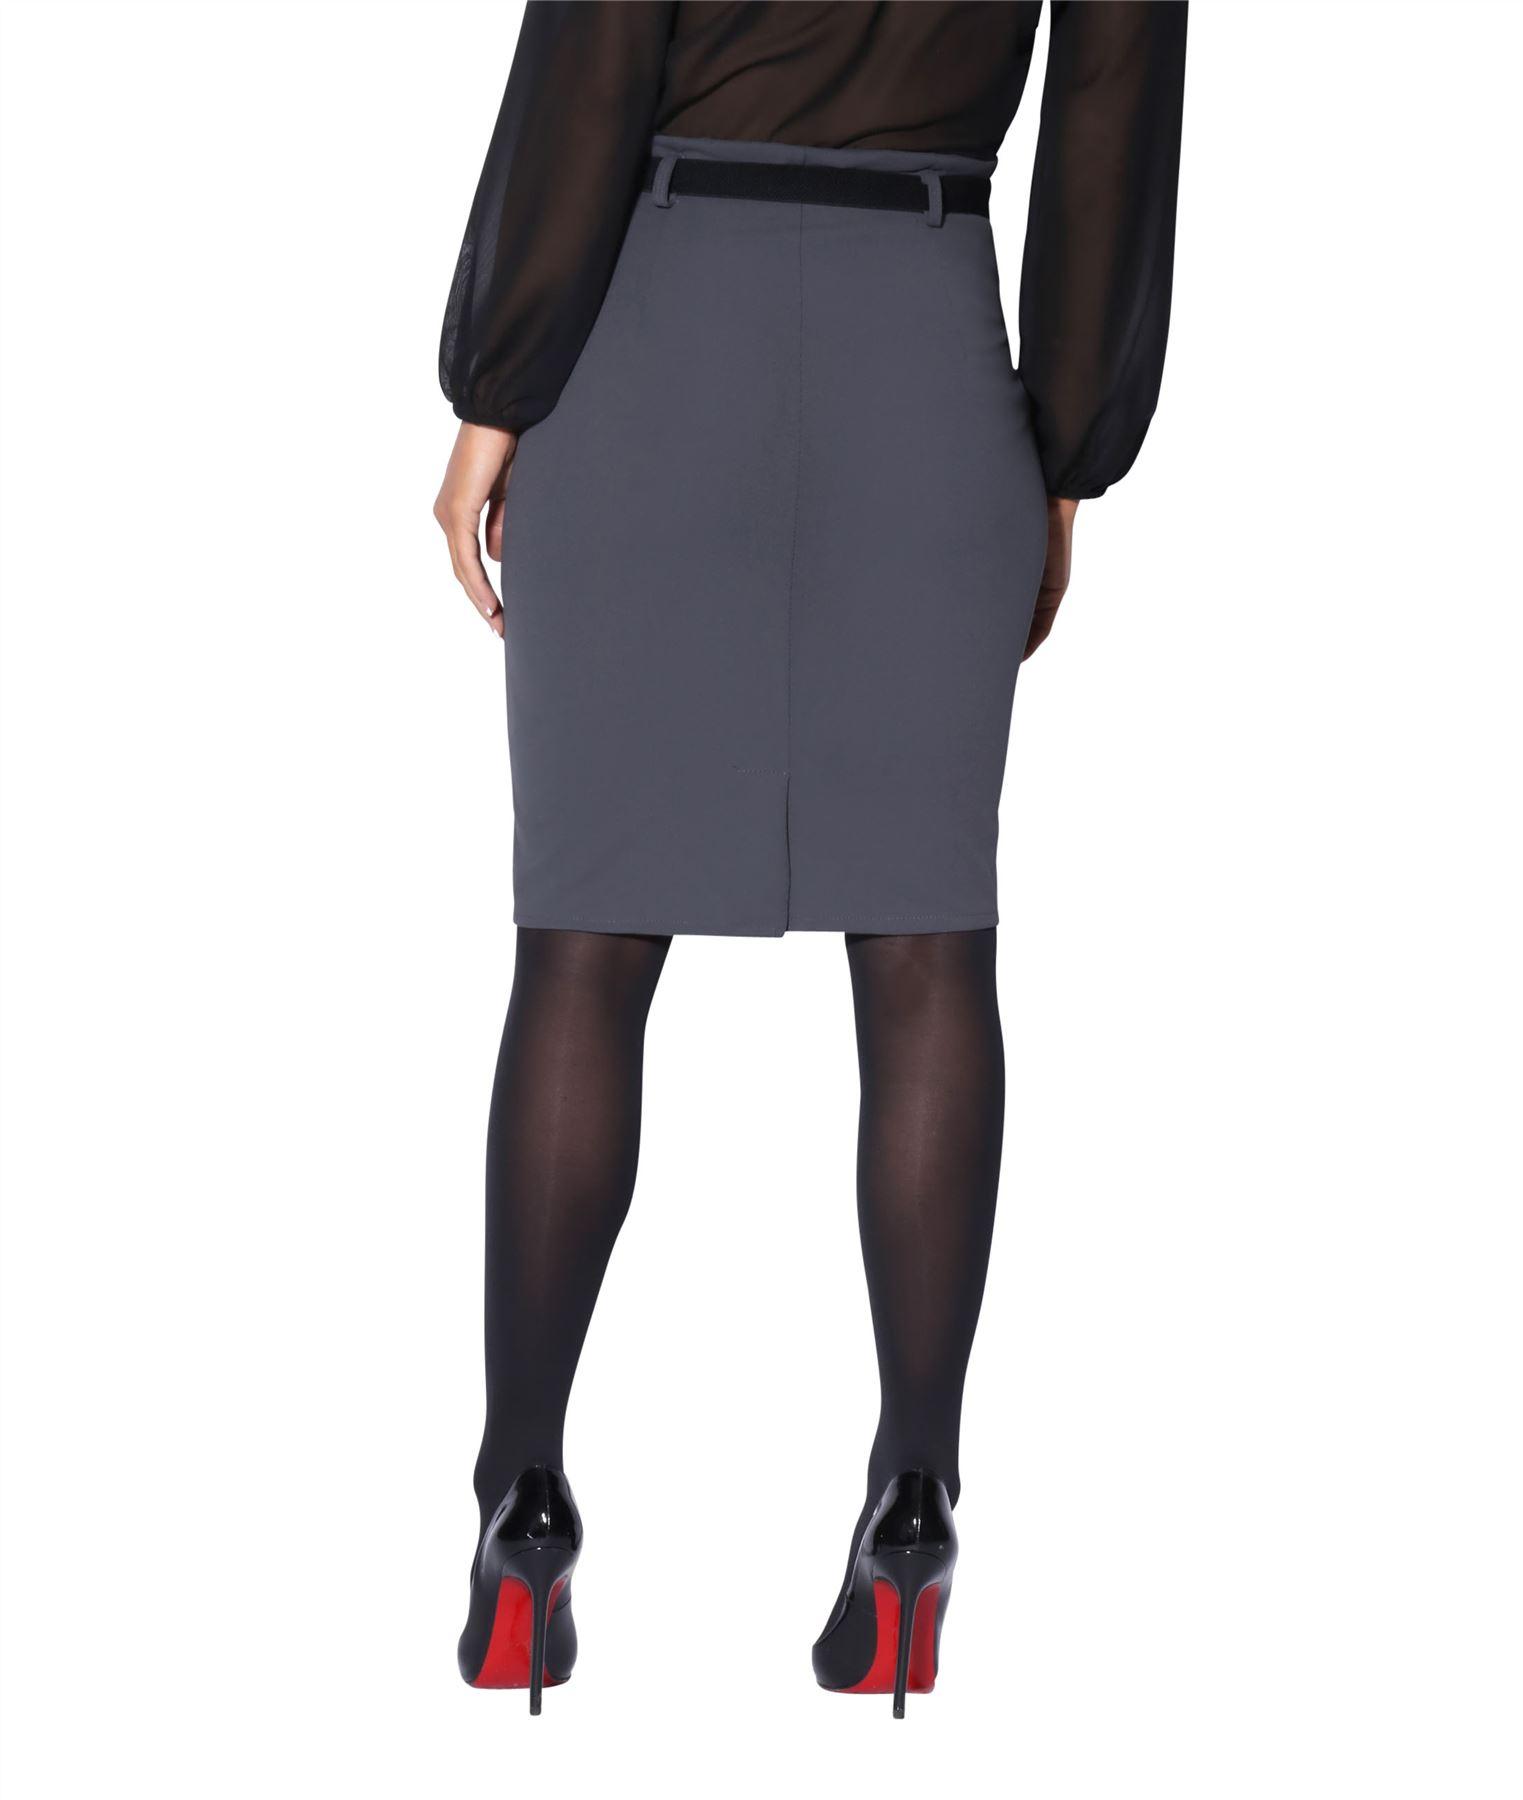 7c7c6820217c1 Details zu Damen High Waist Bleistiftrock Eleganter Rock Business Kleidung  Knielang Stretch